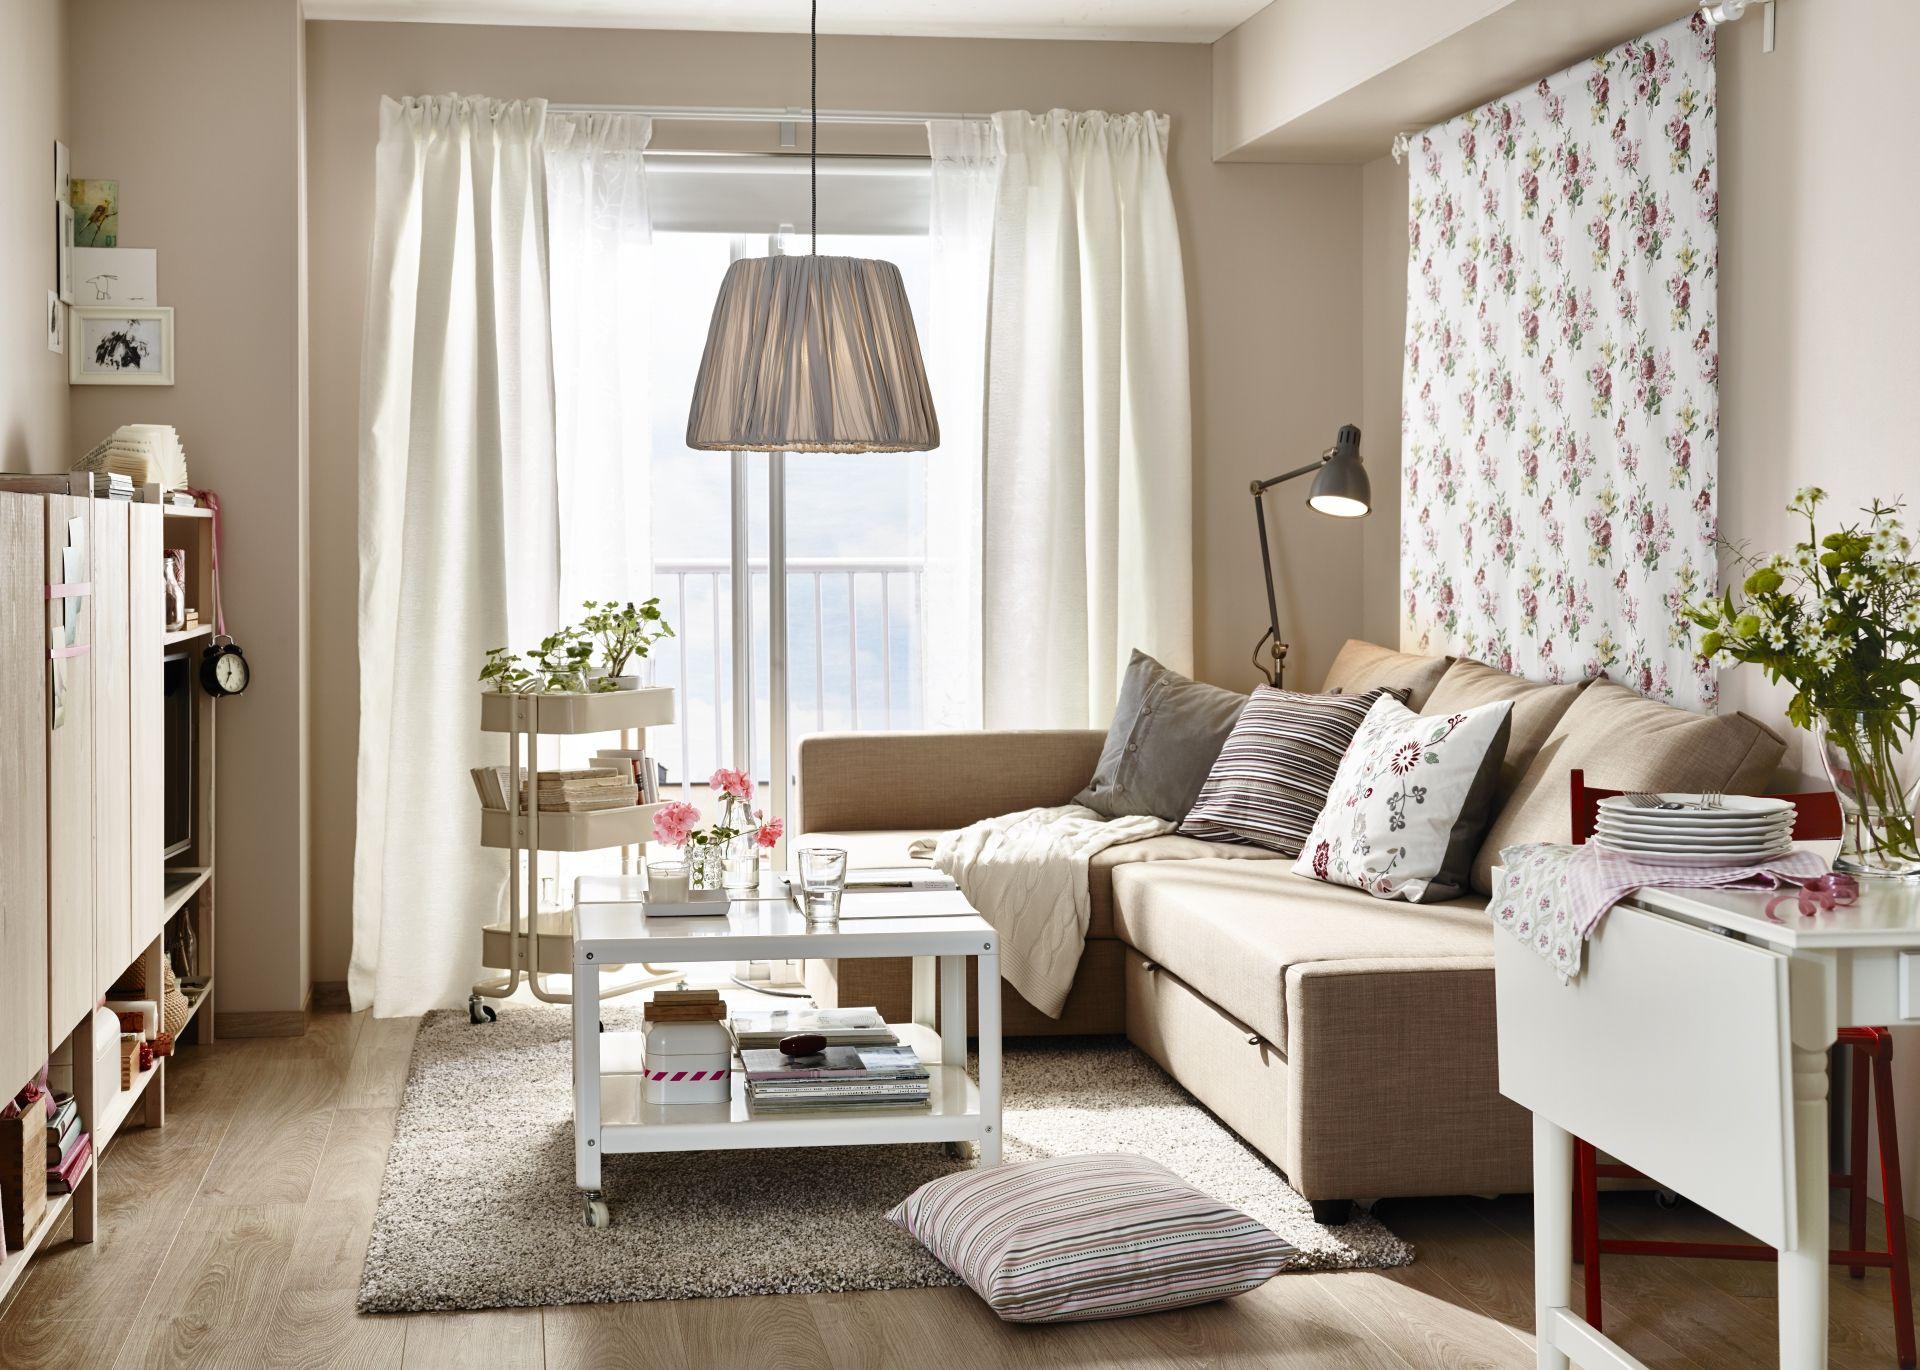 дизайн квартир с мебелью икеа фото эти талантливые